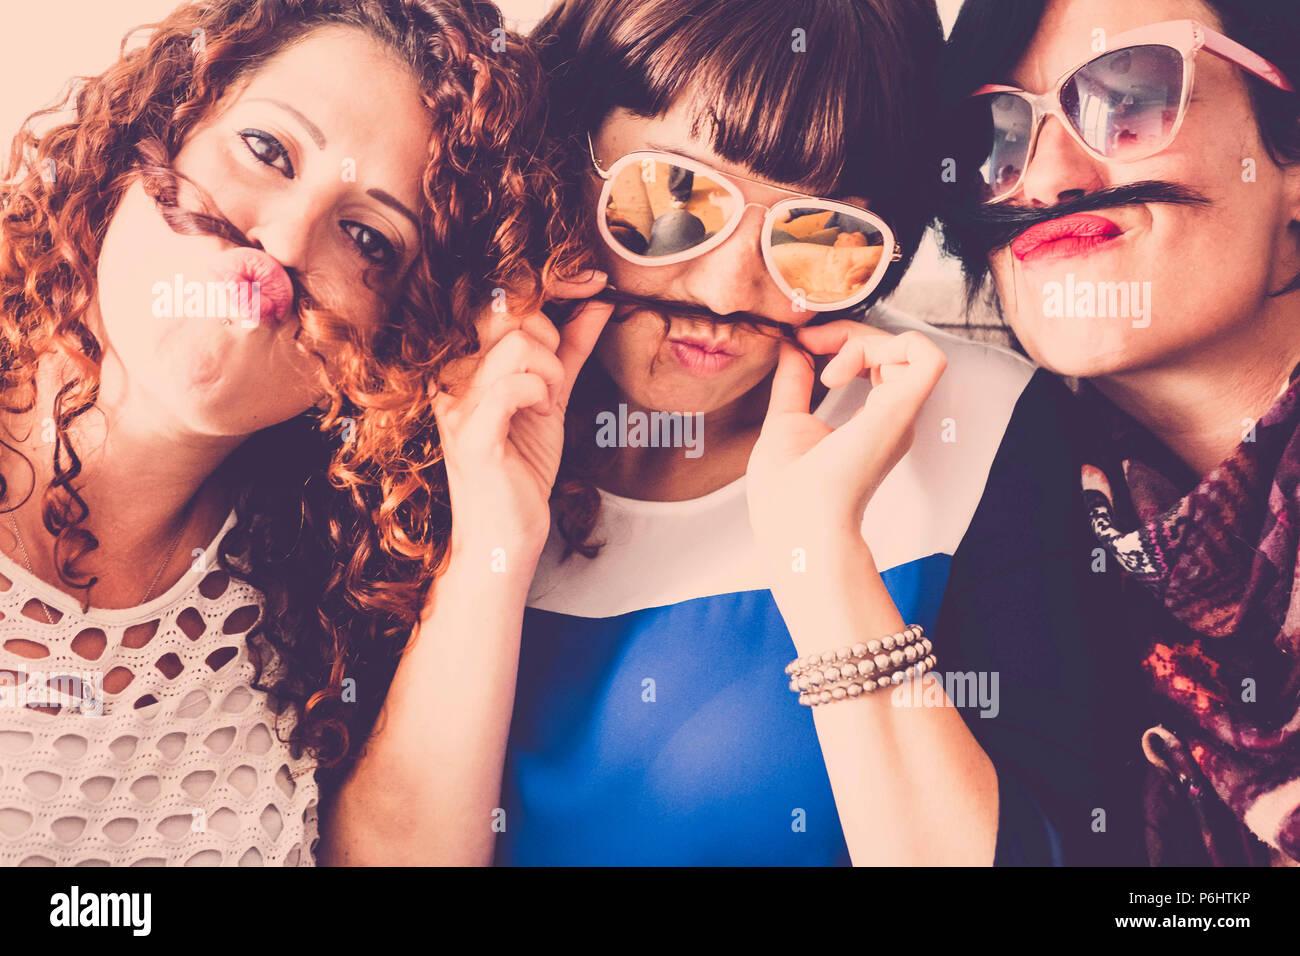 Tre femmine caucasica amici stare insieme in amicizia e follia usando i capelli come baffi e felicità il concetto di relazione. vintage c pieno Immagini Stock